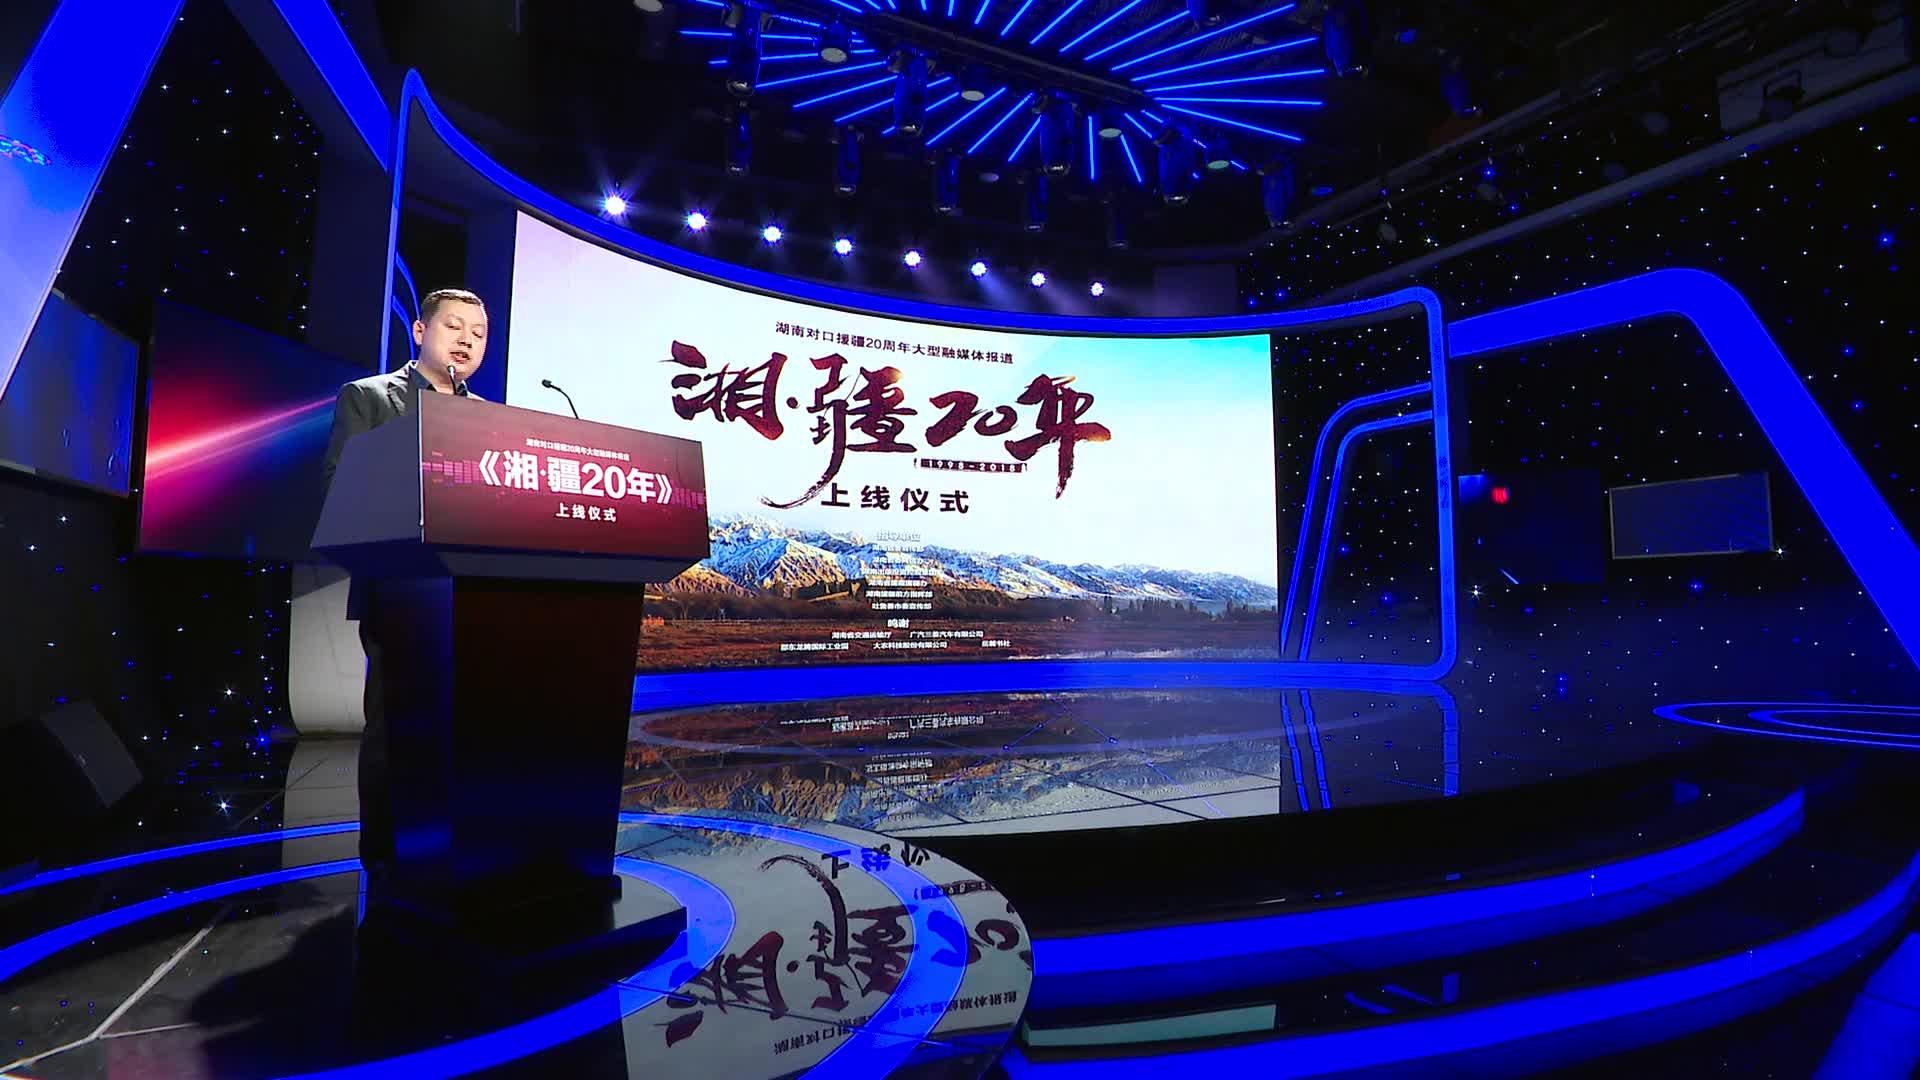 【全程回放】湖南对口援疆20周年大型融媒体报道《湘·疆20年》上线仪式